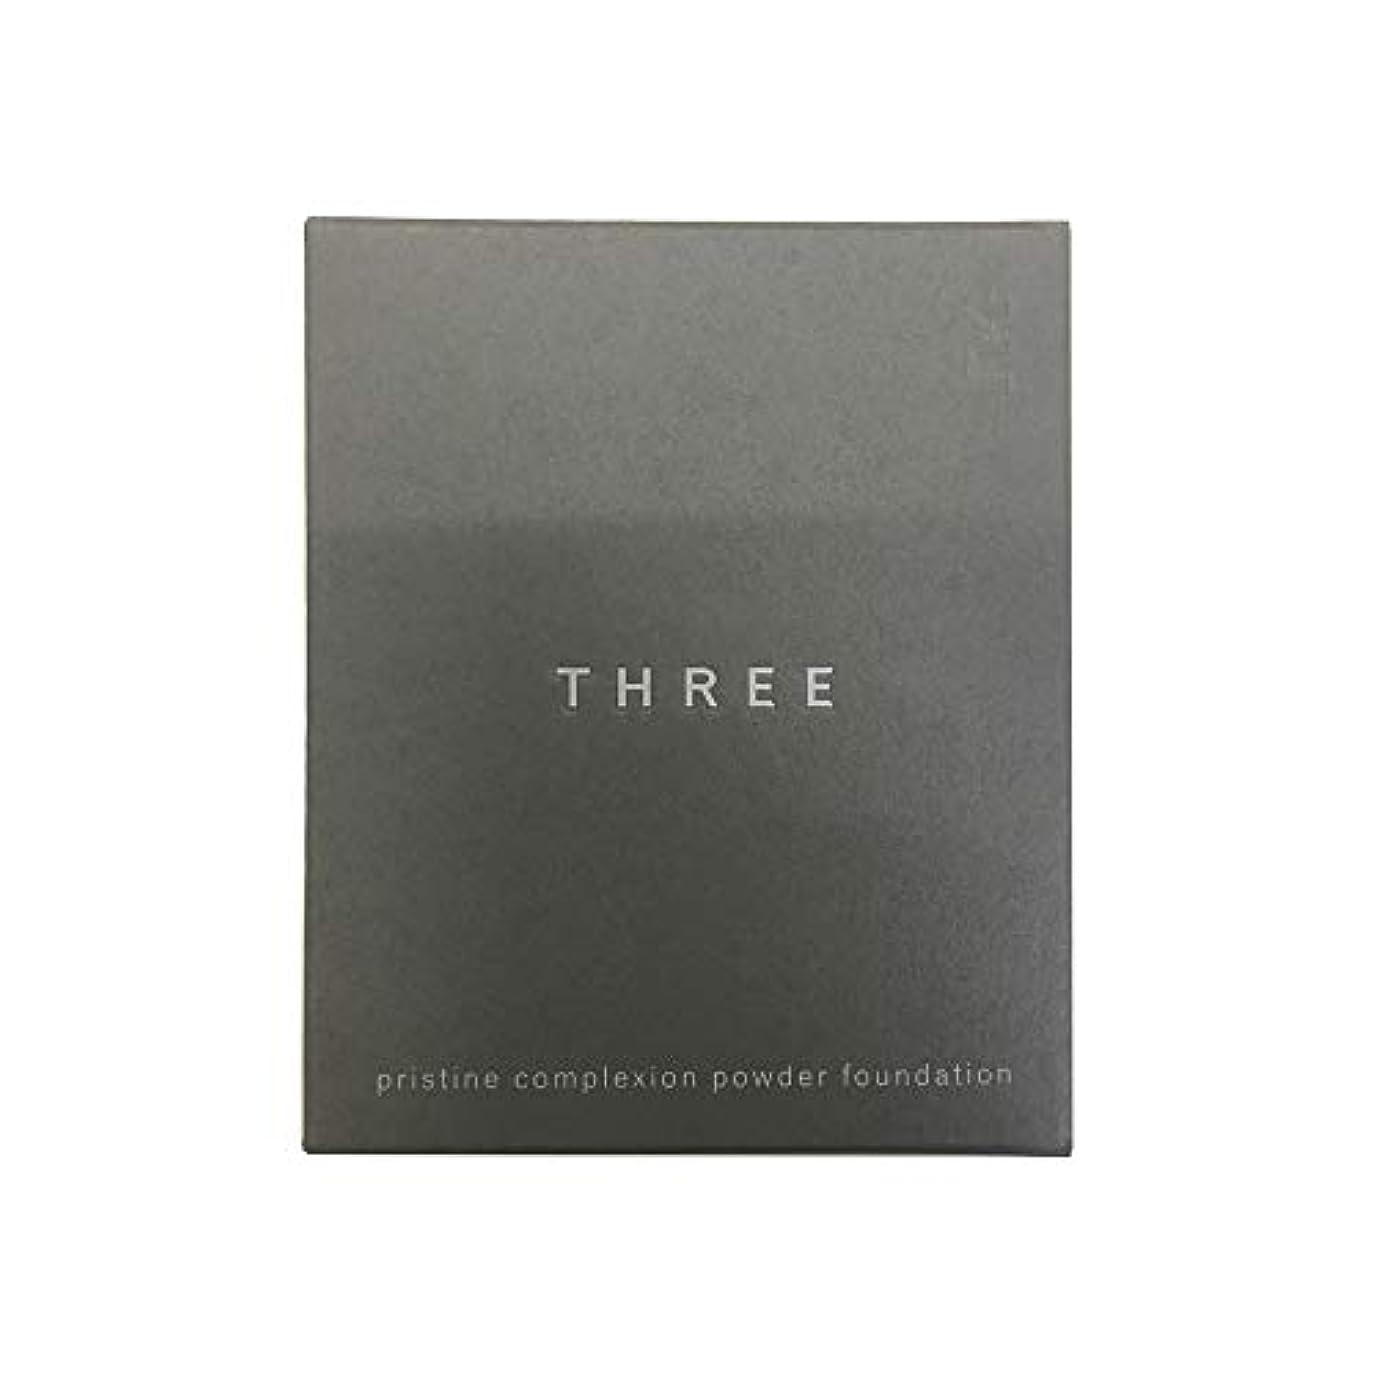 確認厚さ魂THREE(スリー) プリスティーンコンプレクションパウダーファンデーション #203(リフィル) [ パウダーファンデーション ] [並行輸入品]